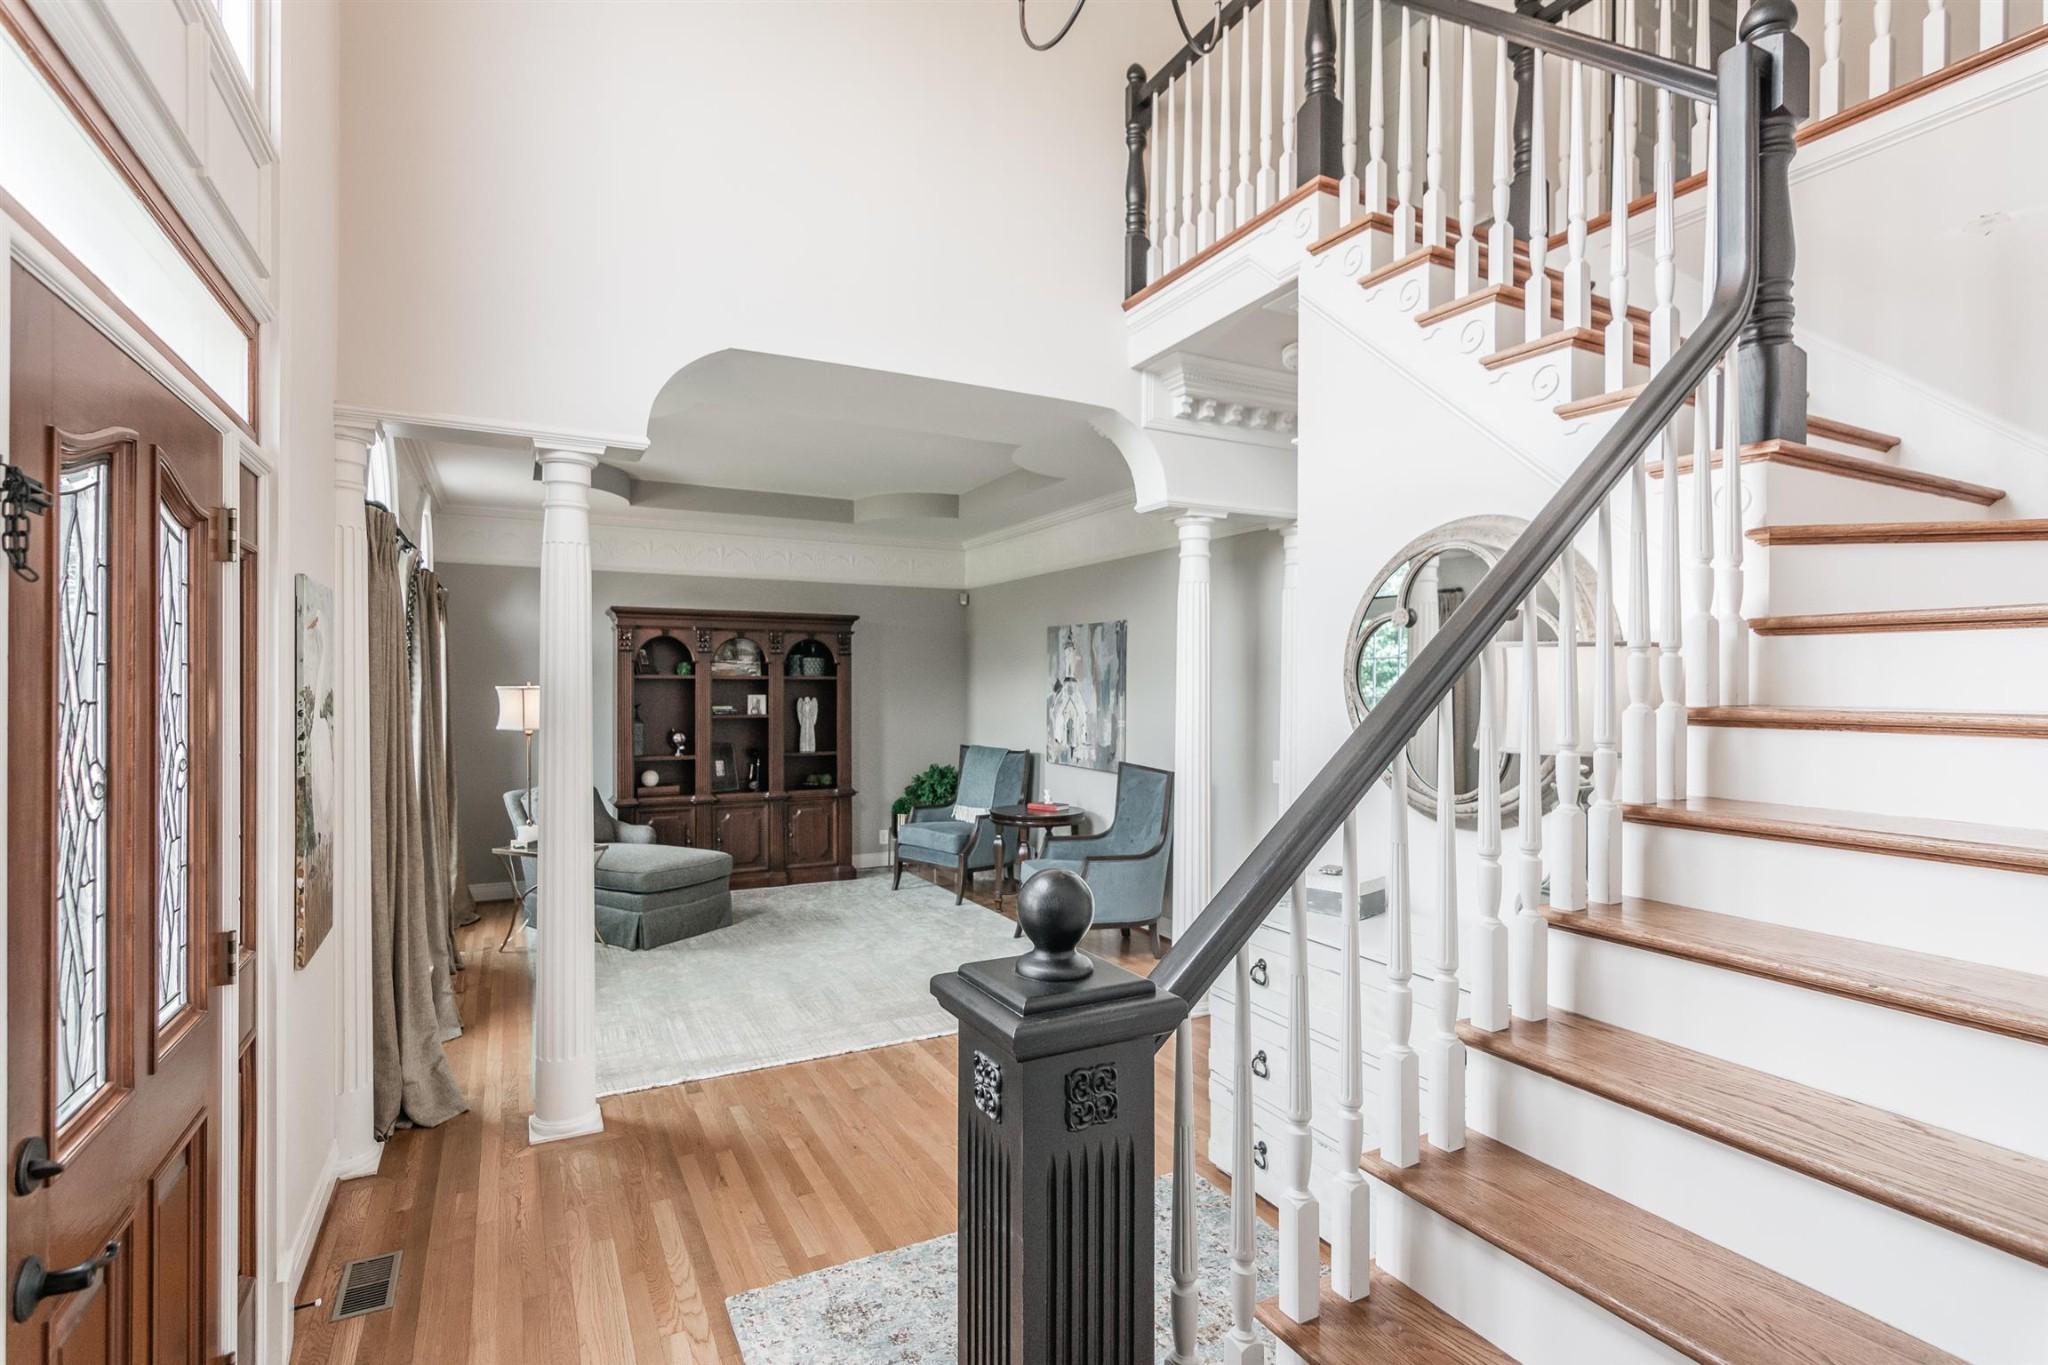 $525,000 - 4Br/4Ba -  for Sale in Blue Ridge Phase 1 Rev, Hendersonville